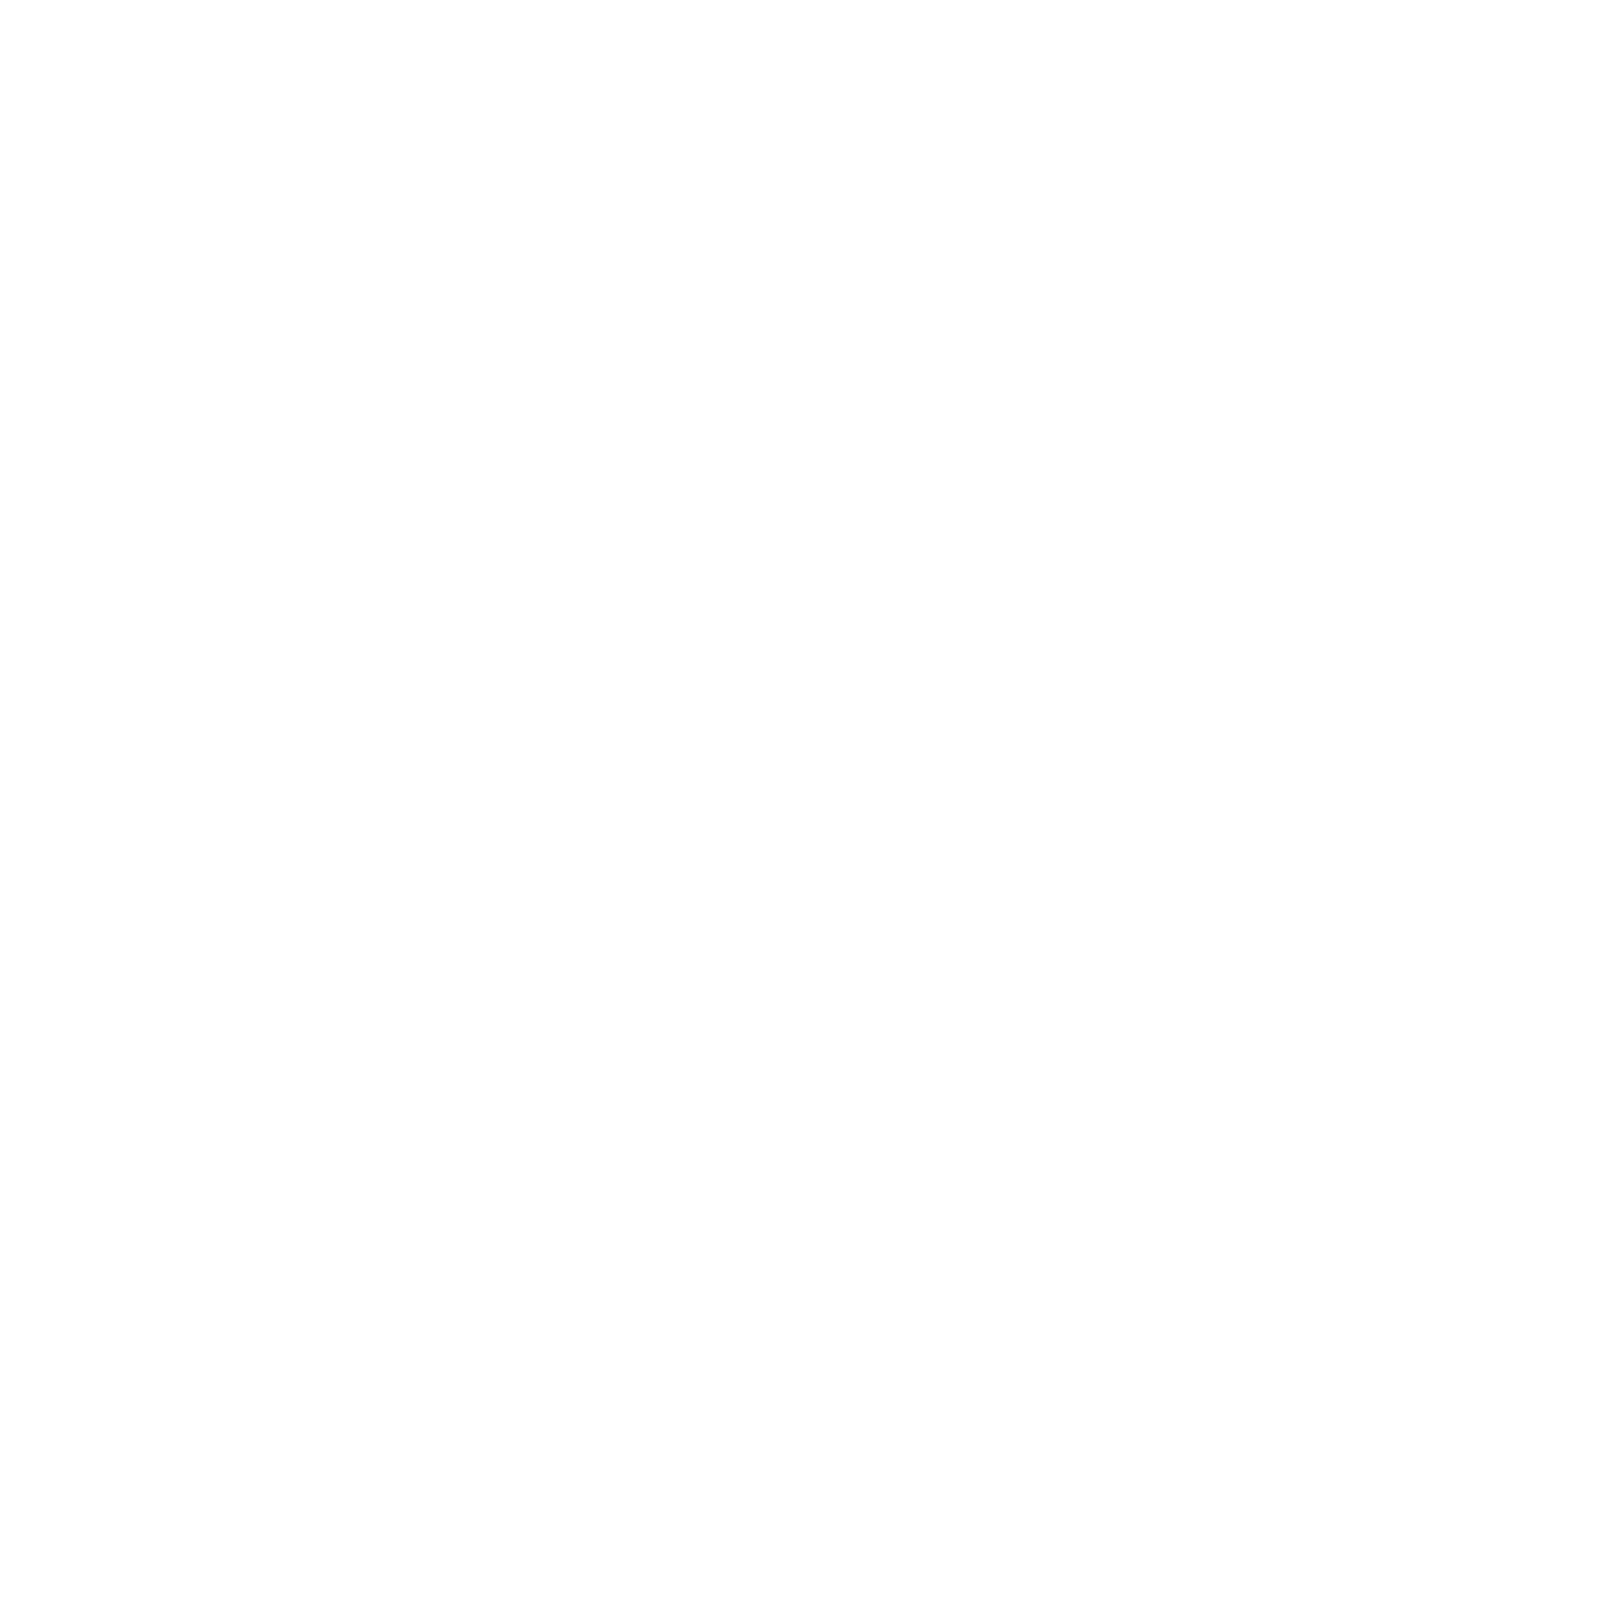 BCSArtboard 1 copy 5Partner Logos.png